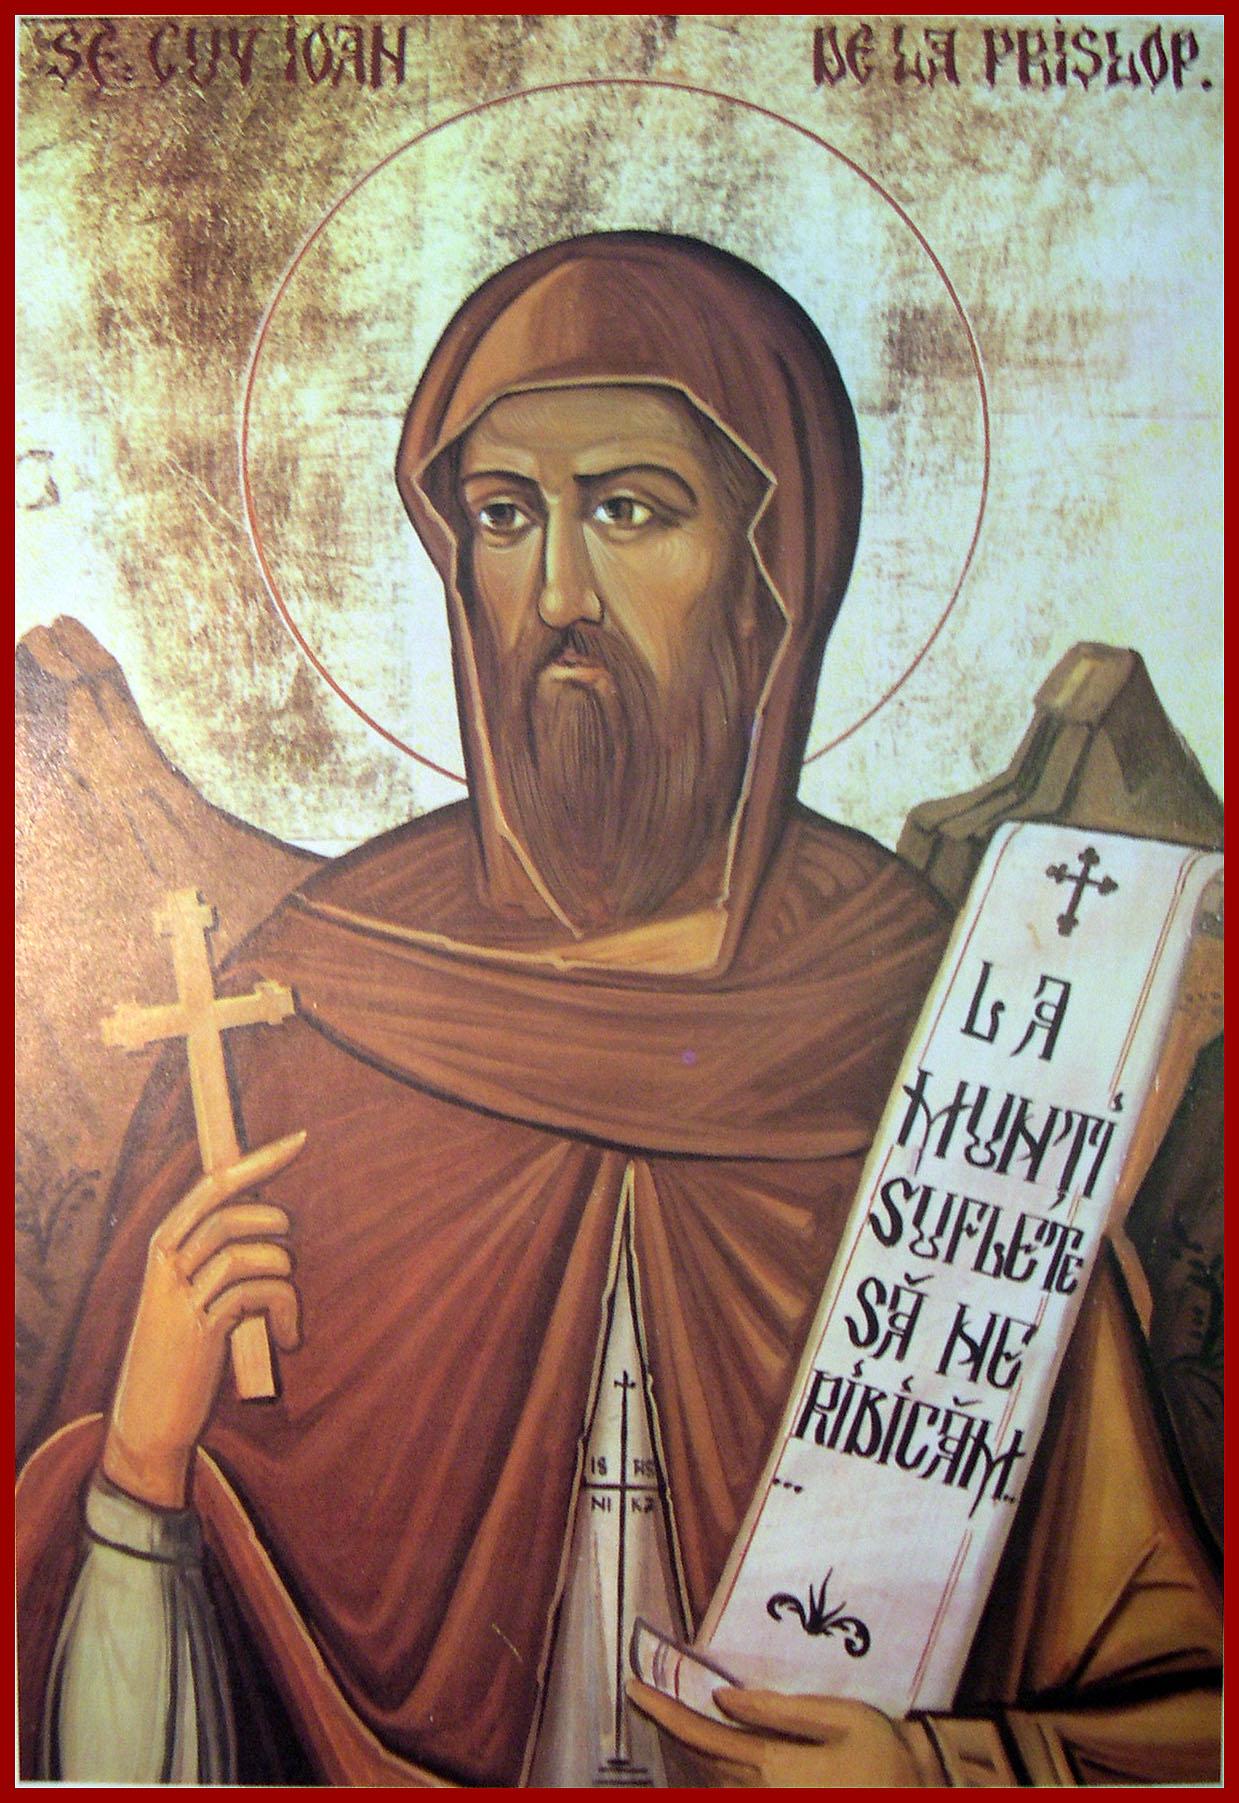 Saint John of Prislop